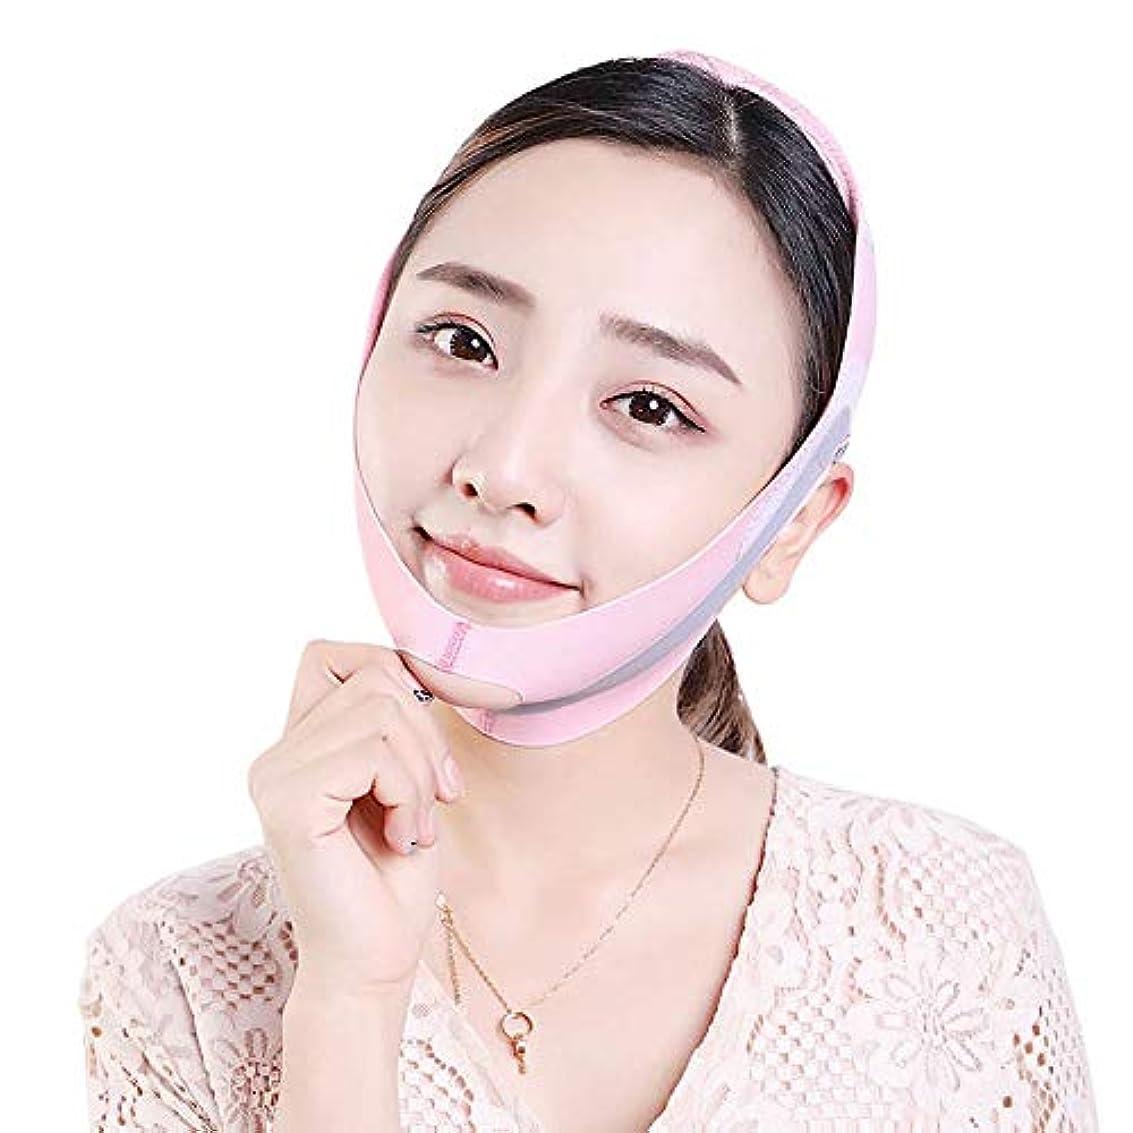 接続キャプテン最大たるみを防ぐために顔を持ち上げるために筋肉を引き締めるために二重あごのステッカーとラインを削除するために、顔を持ち上げるアーティファクト包帯があります - ピンク